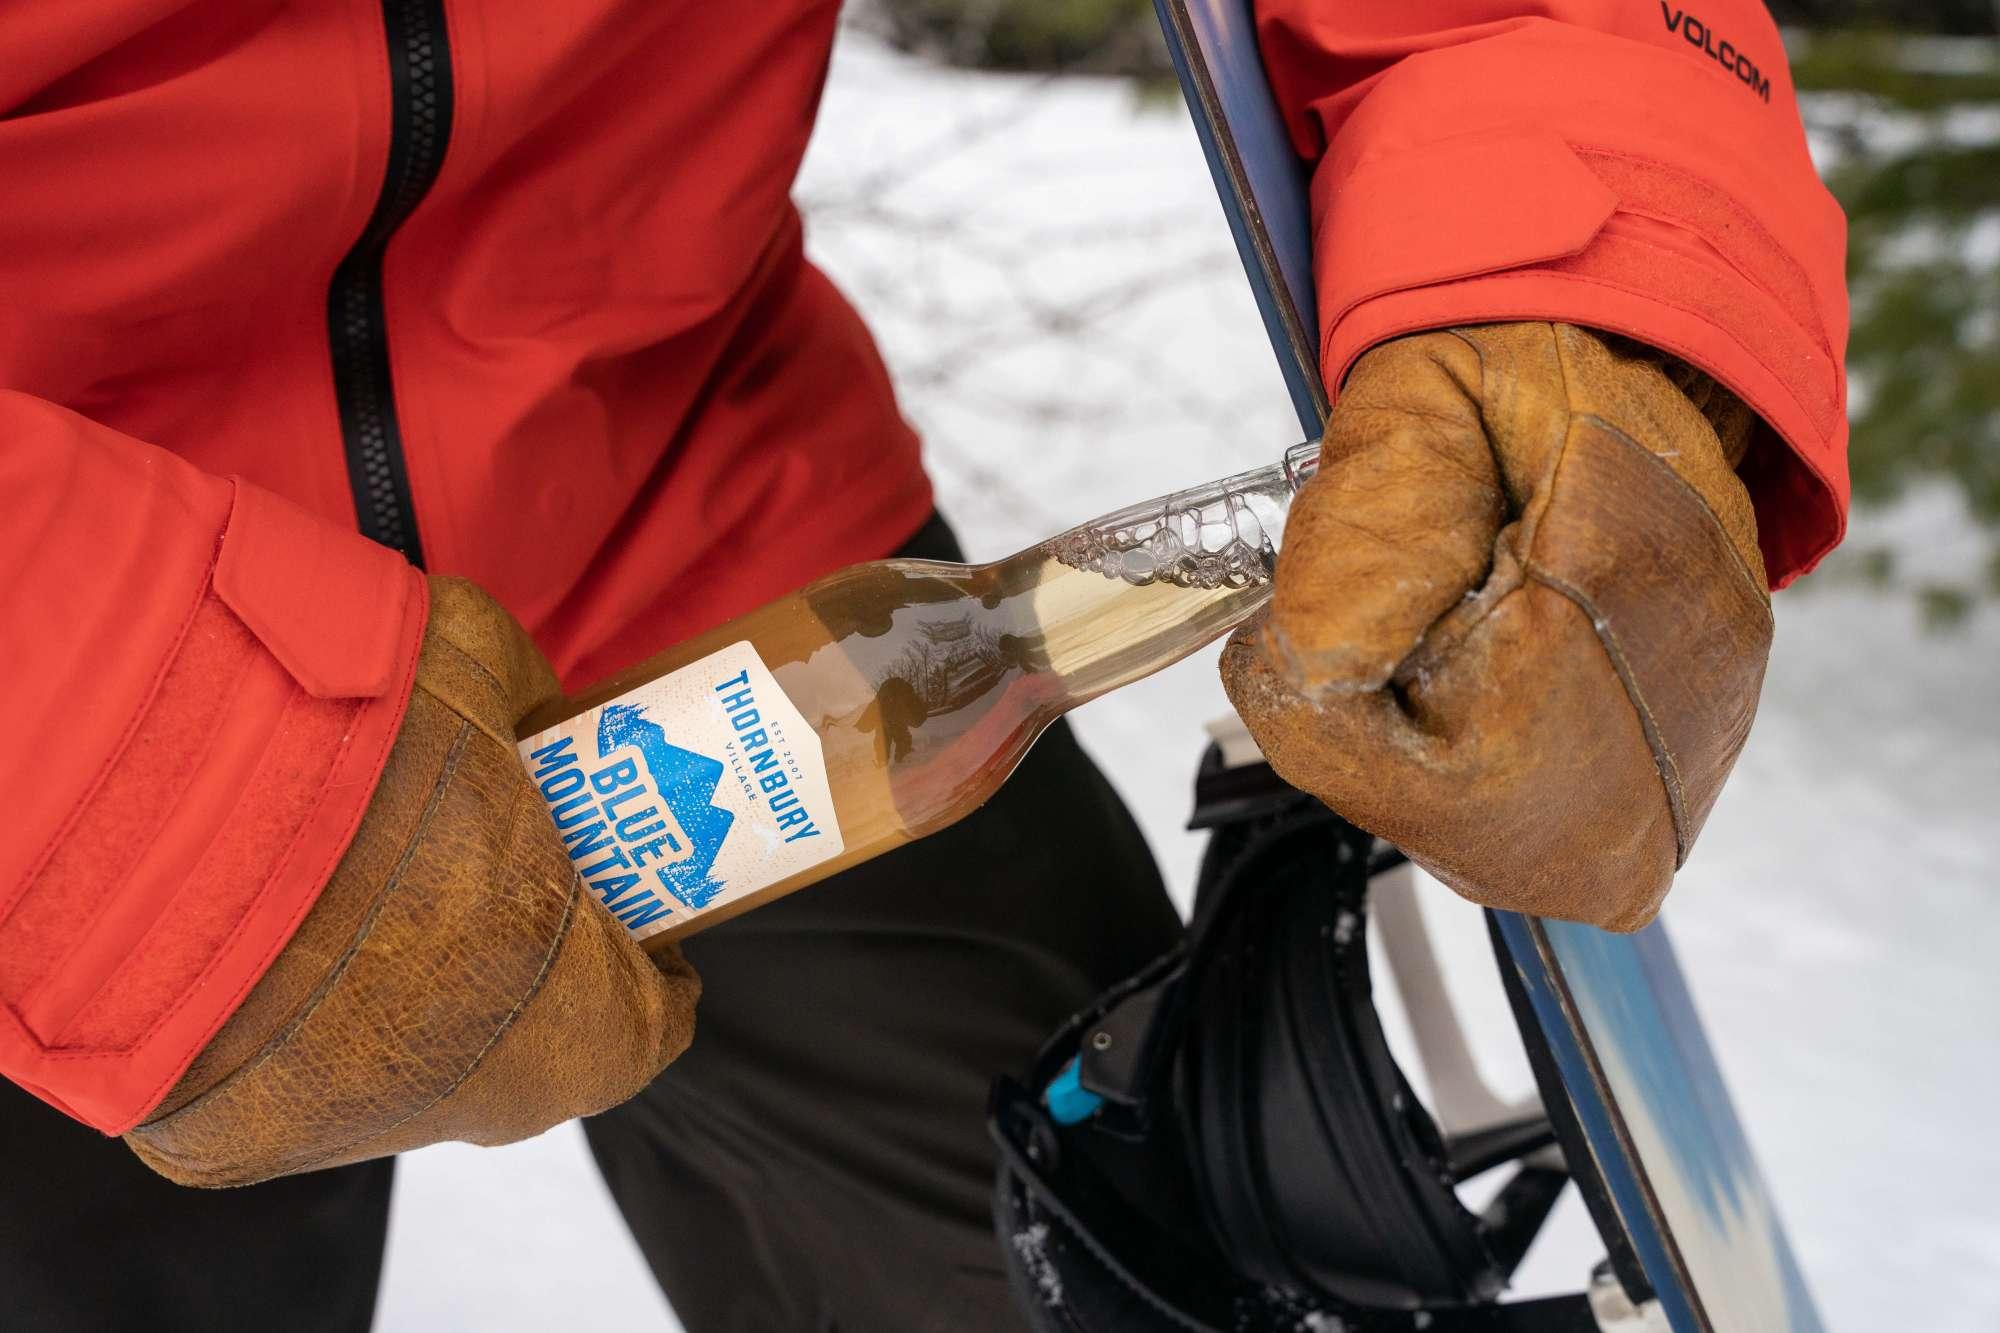 Snowboard beer opener